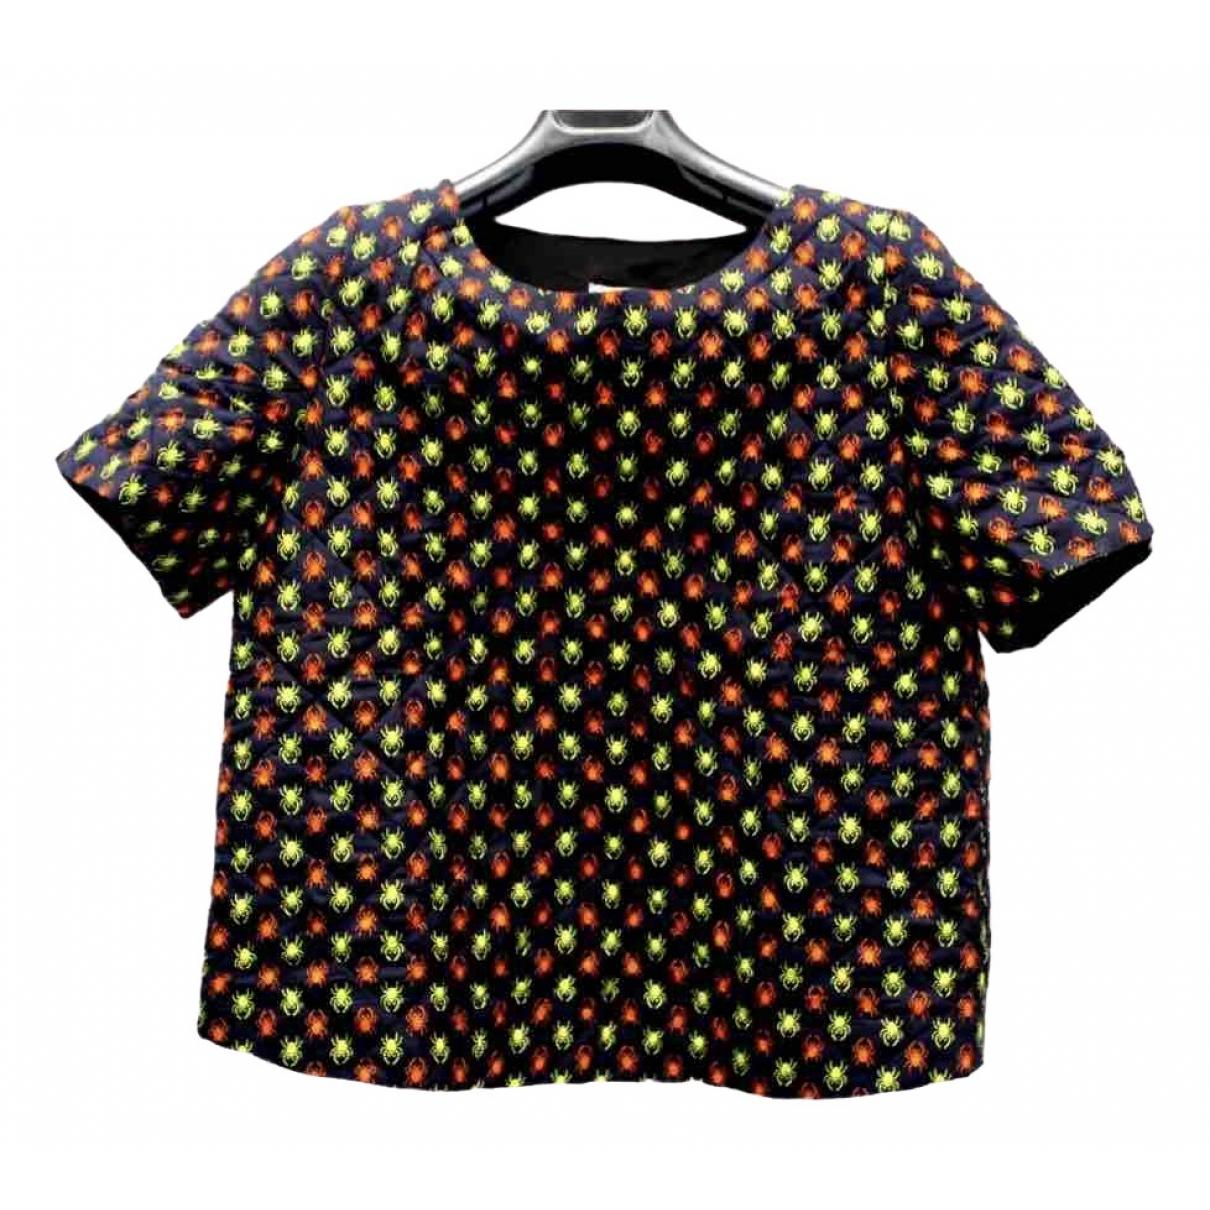 Topshop X J.w. Anderson - Top   pour femme en soie - multicolore